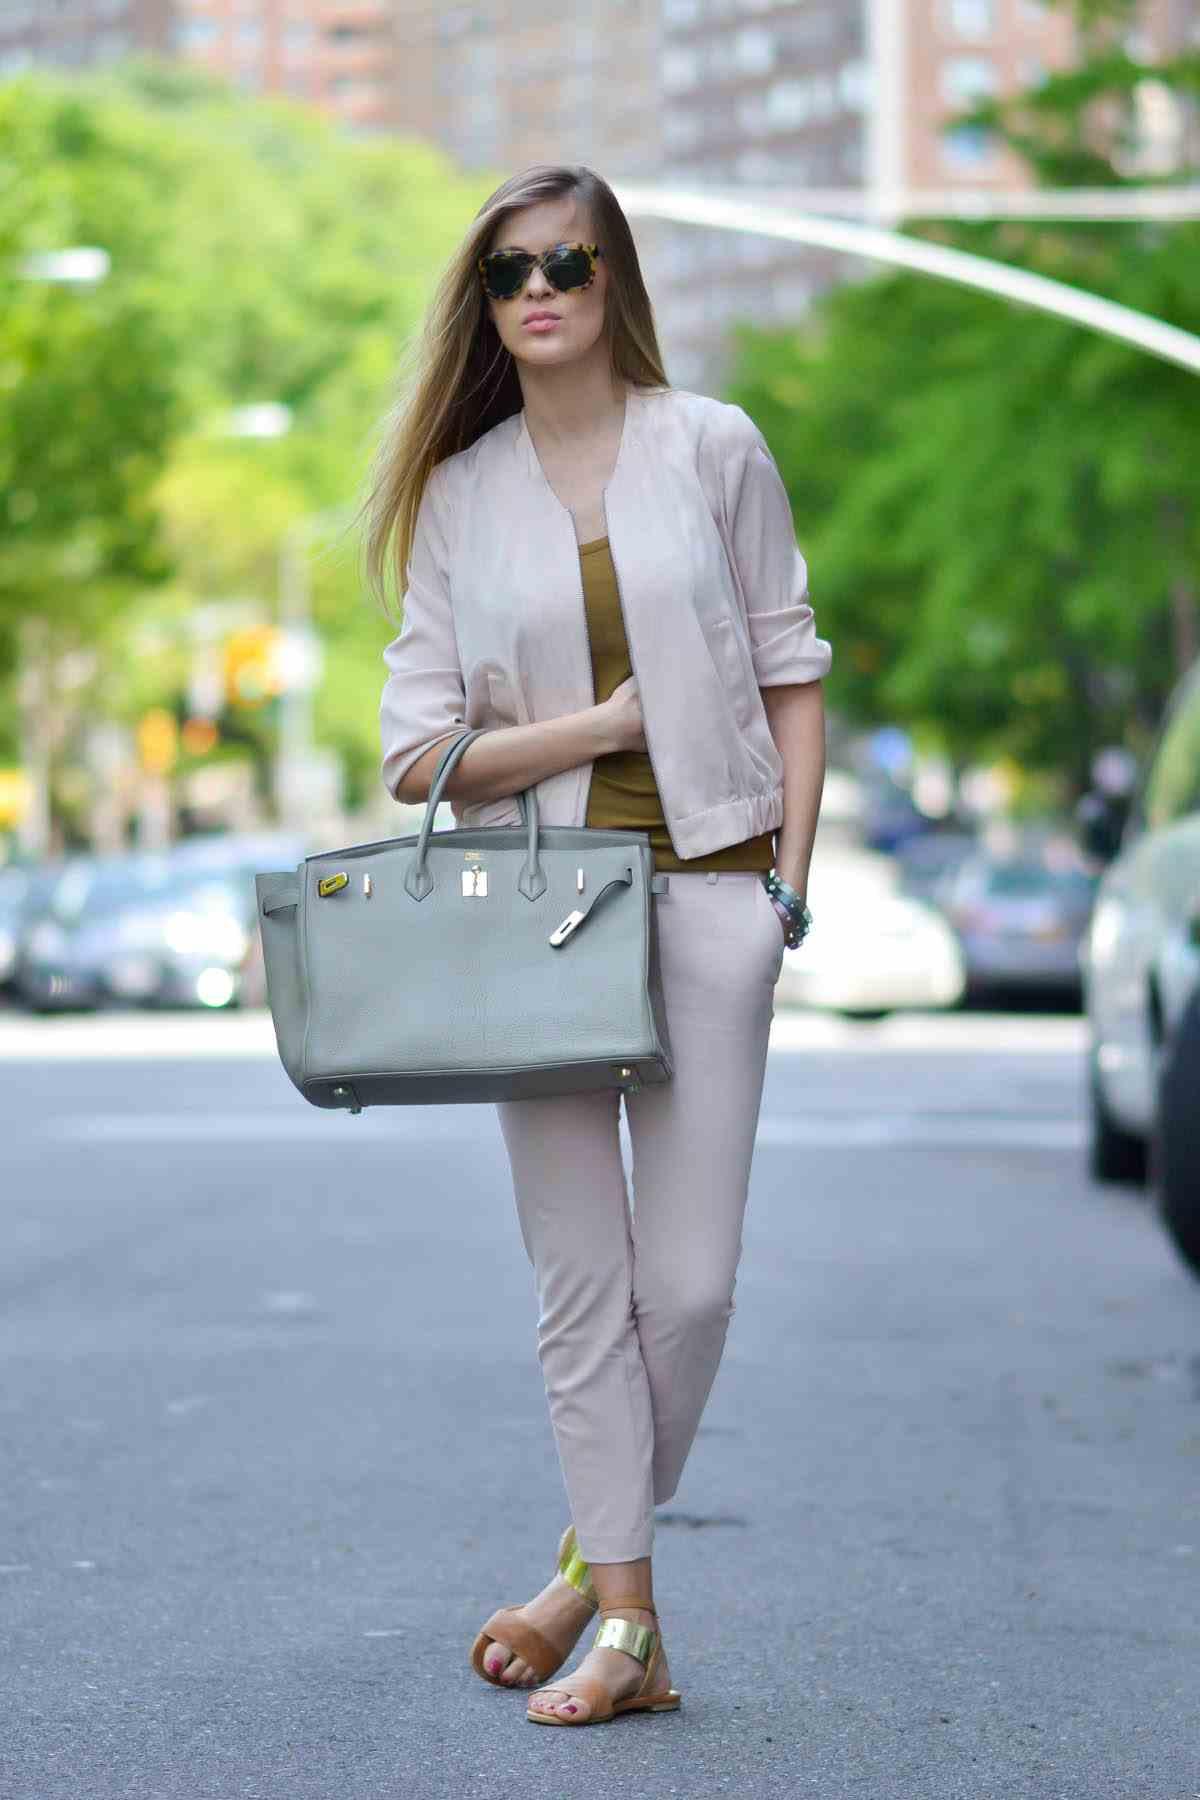 2019 2020 Sonbahar Kış Kombinleri - Günlük Rahat Kıyafetler - Ceket, pantolon Express , üst Gucci, çanta Hermes, ayakkabı Russel ve Bromley, güneş gözlüğü Ralph Lauren